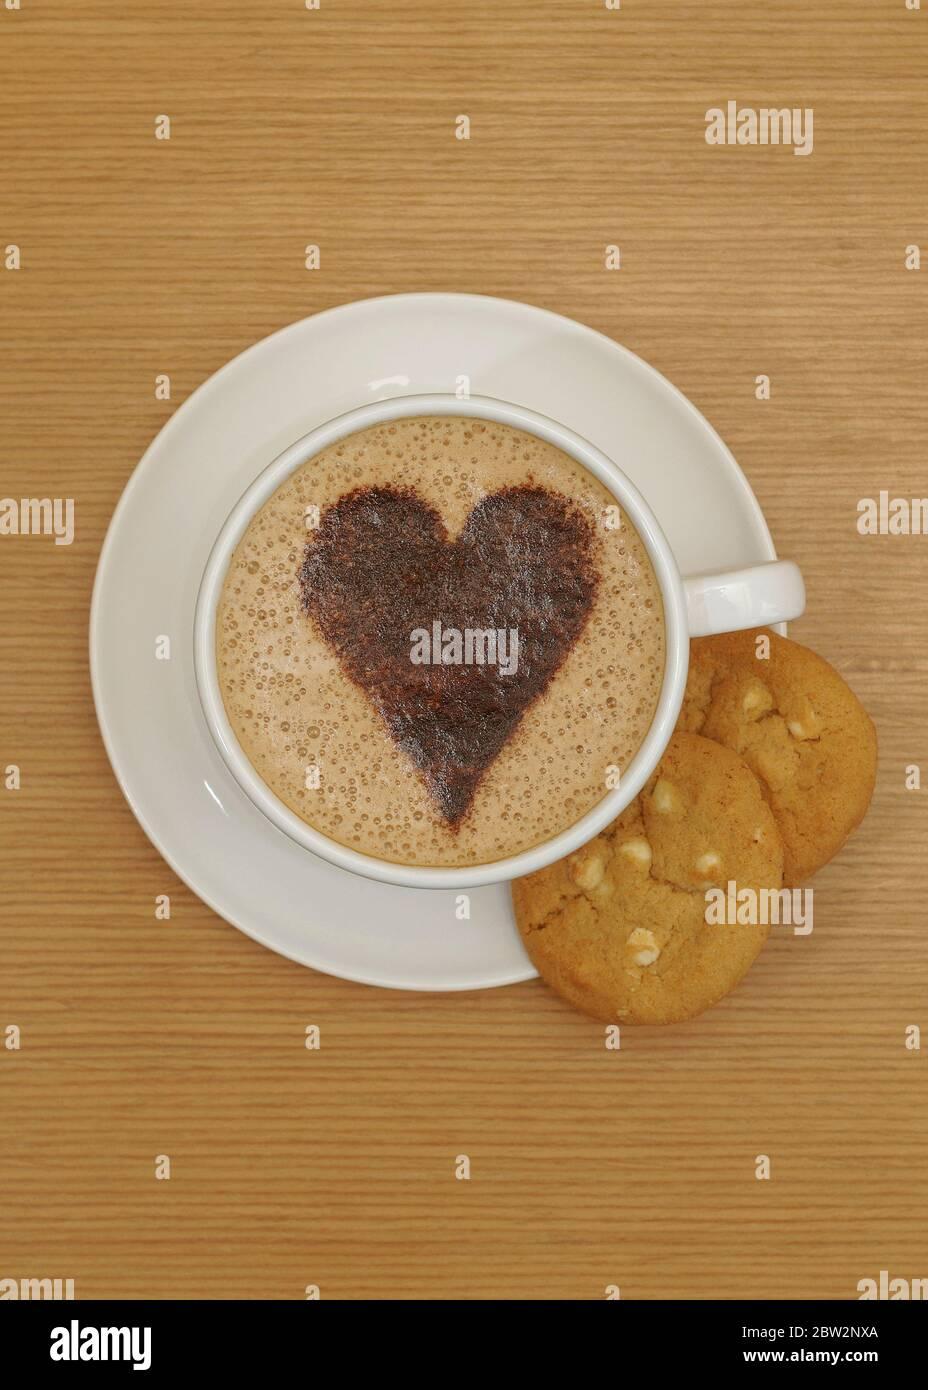 Plat de dessus de la pose d'une tasse de café et de biscuits Banque D'Images